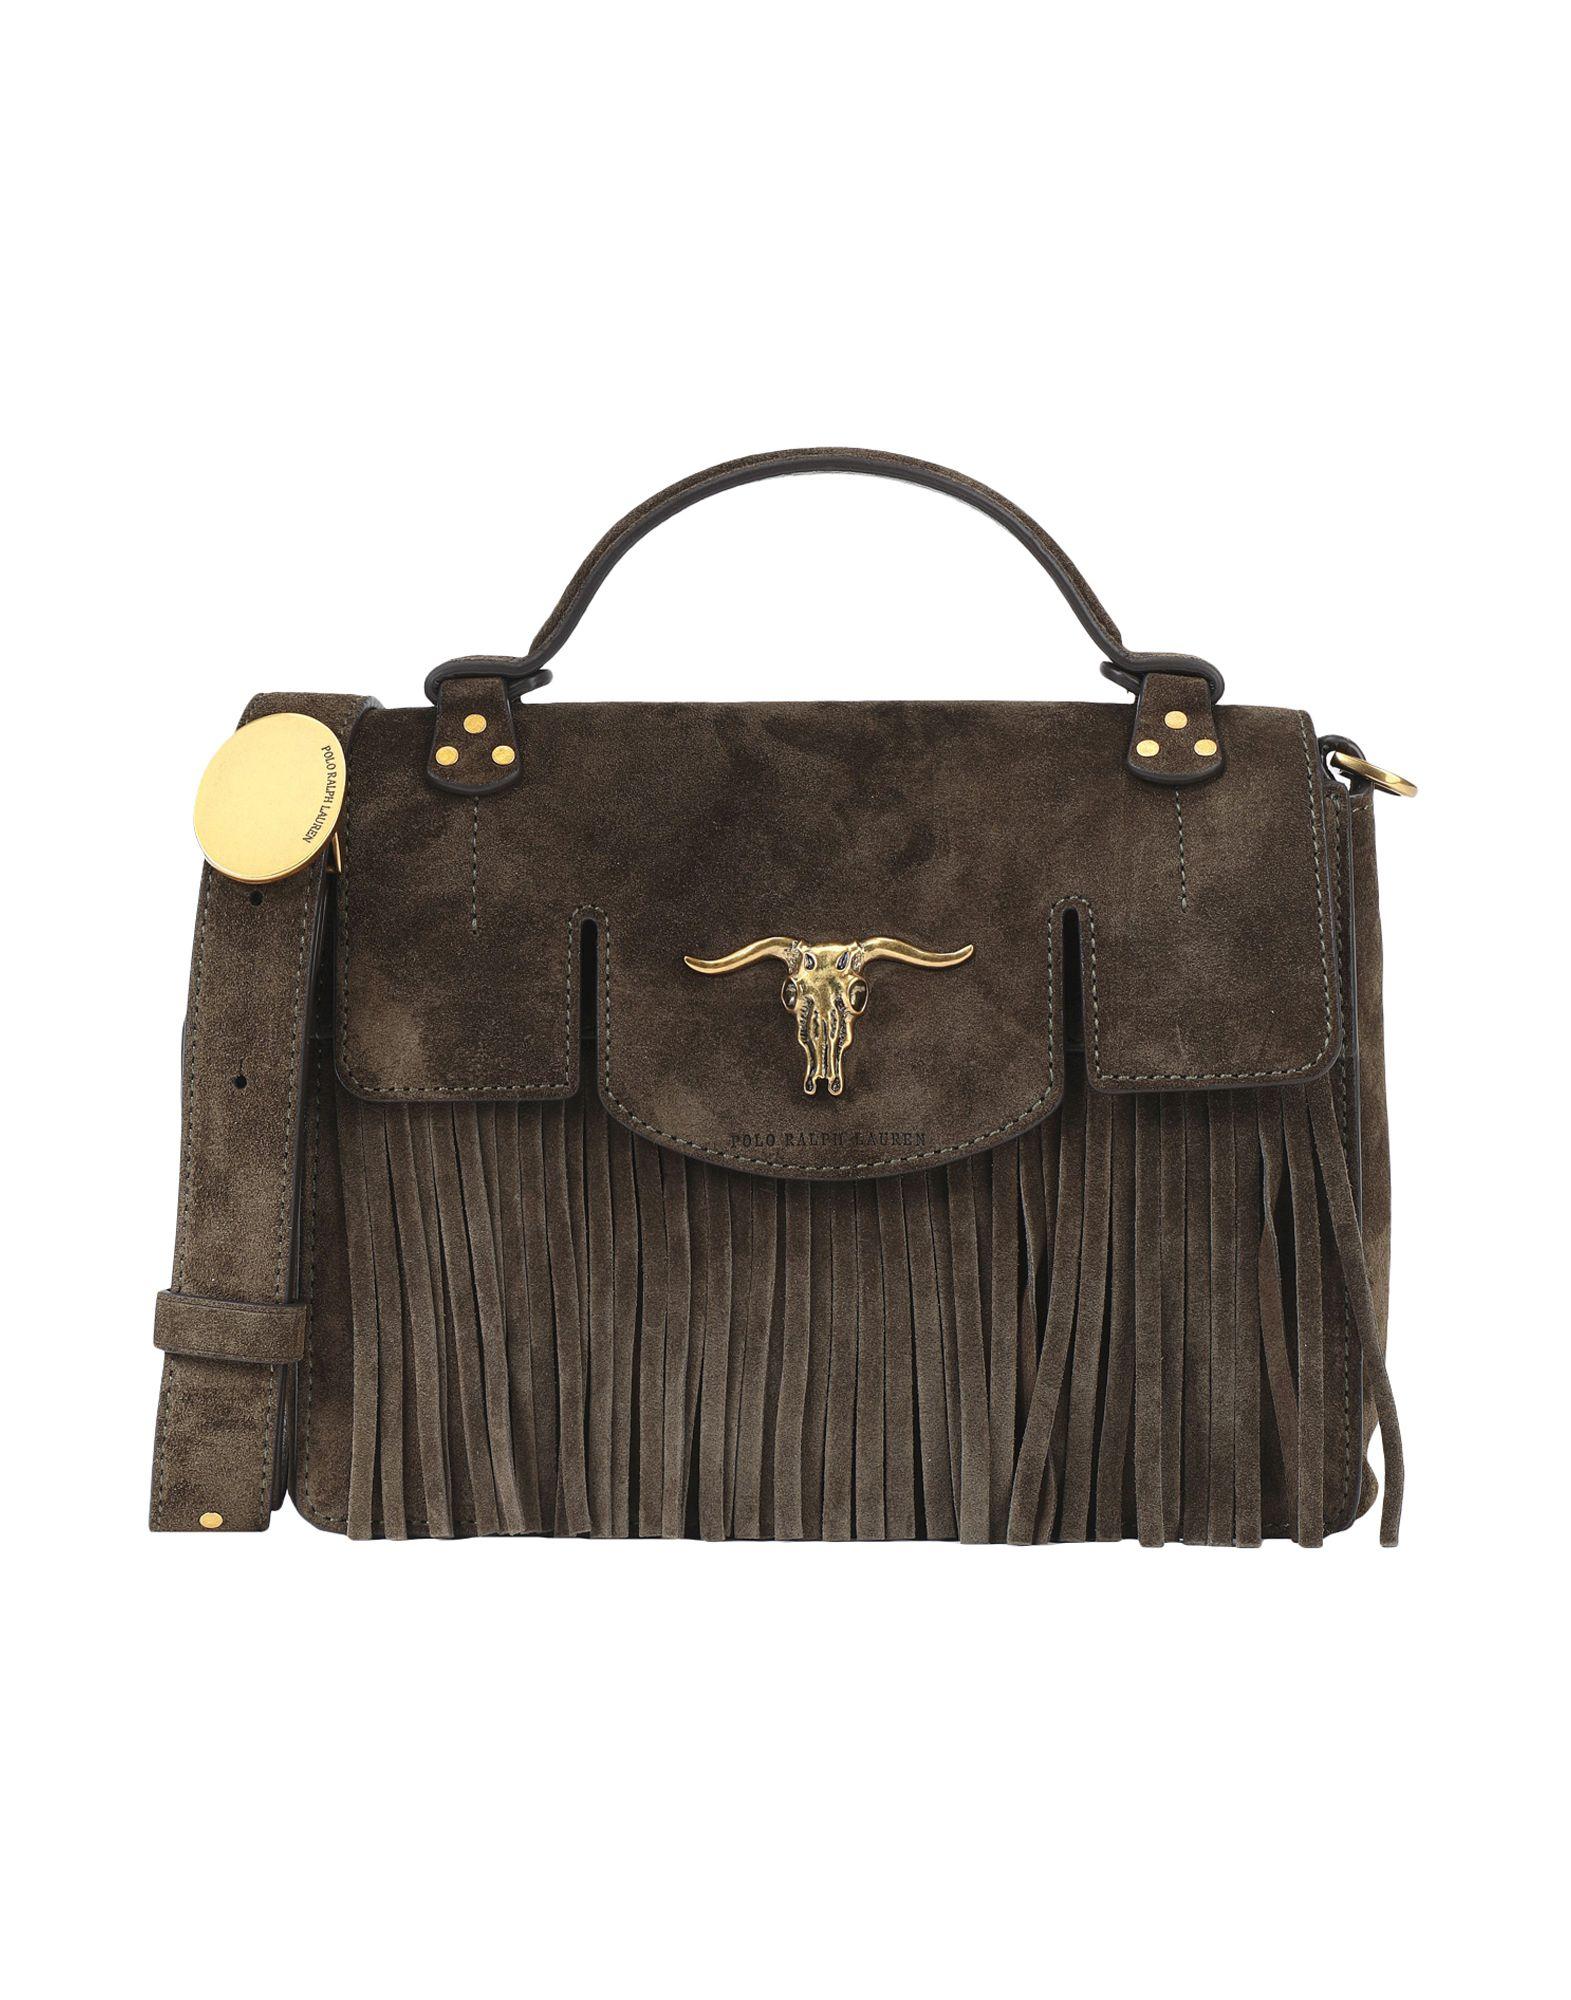 《送料無料》POLO RALPH LAUREN レディース ハンドバッグ ミリタリーグリーン 牛革(カーフ) 100% Fringe Small Suede Bag